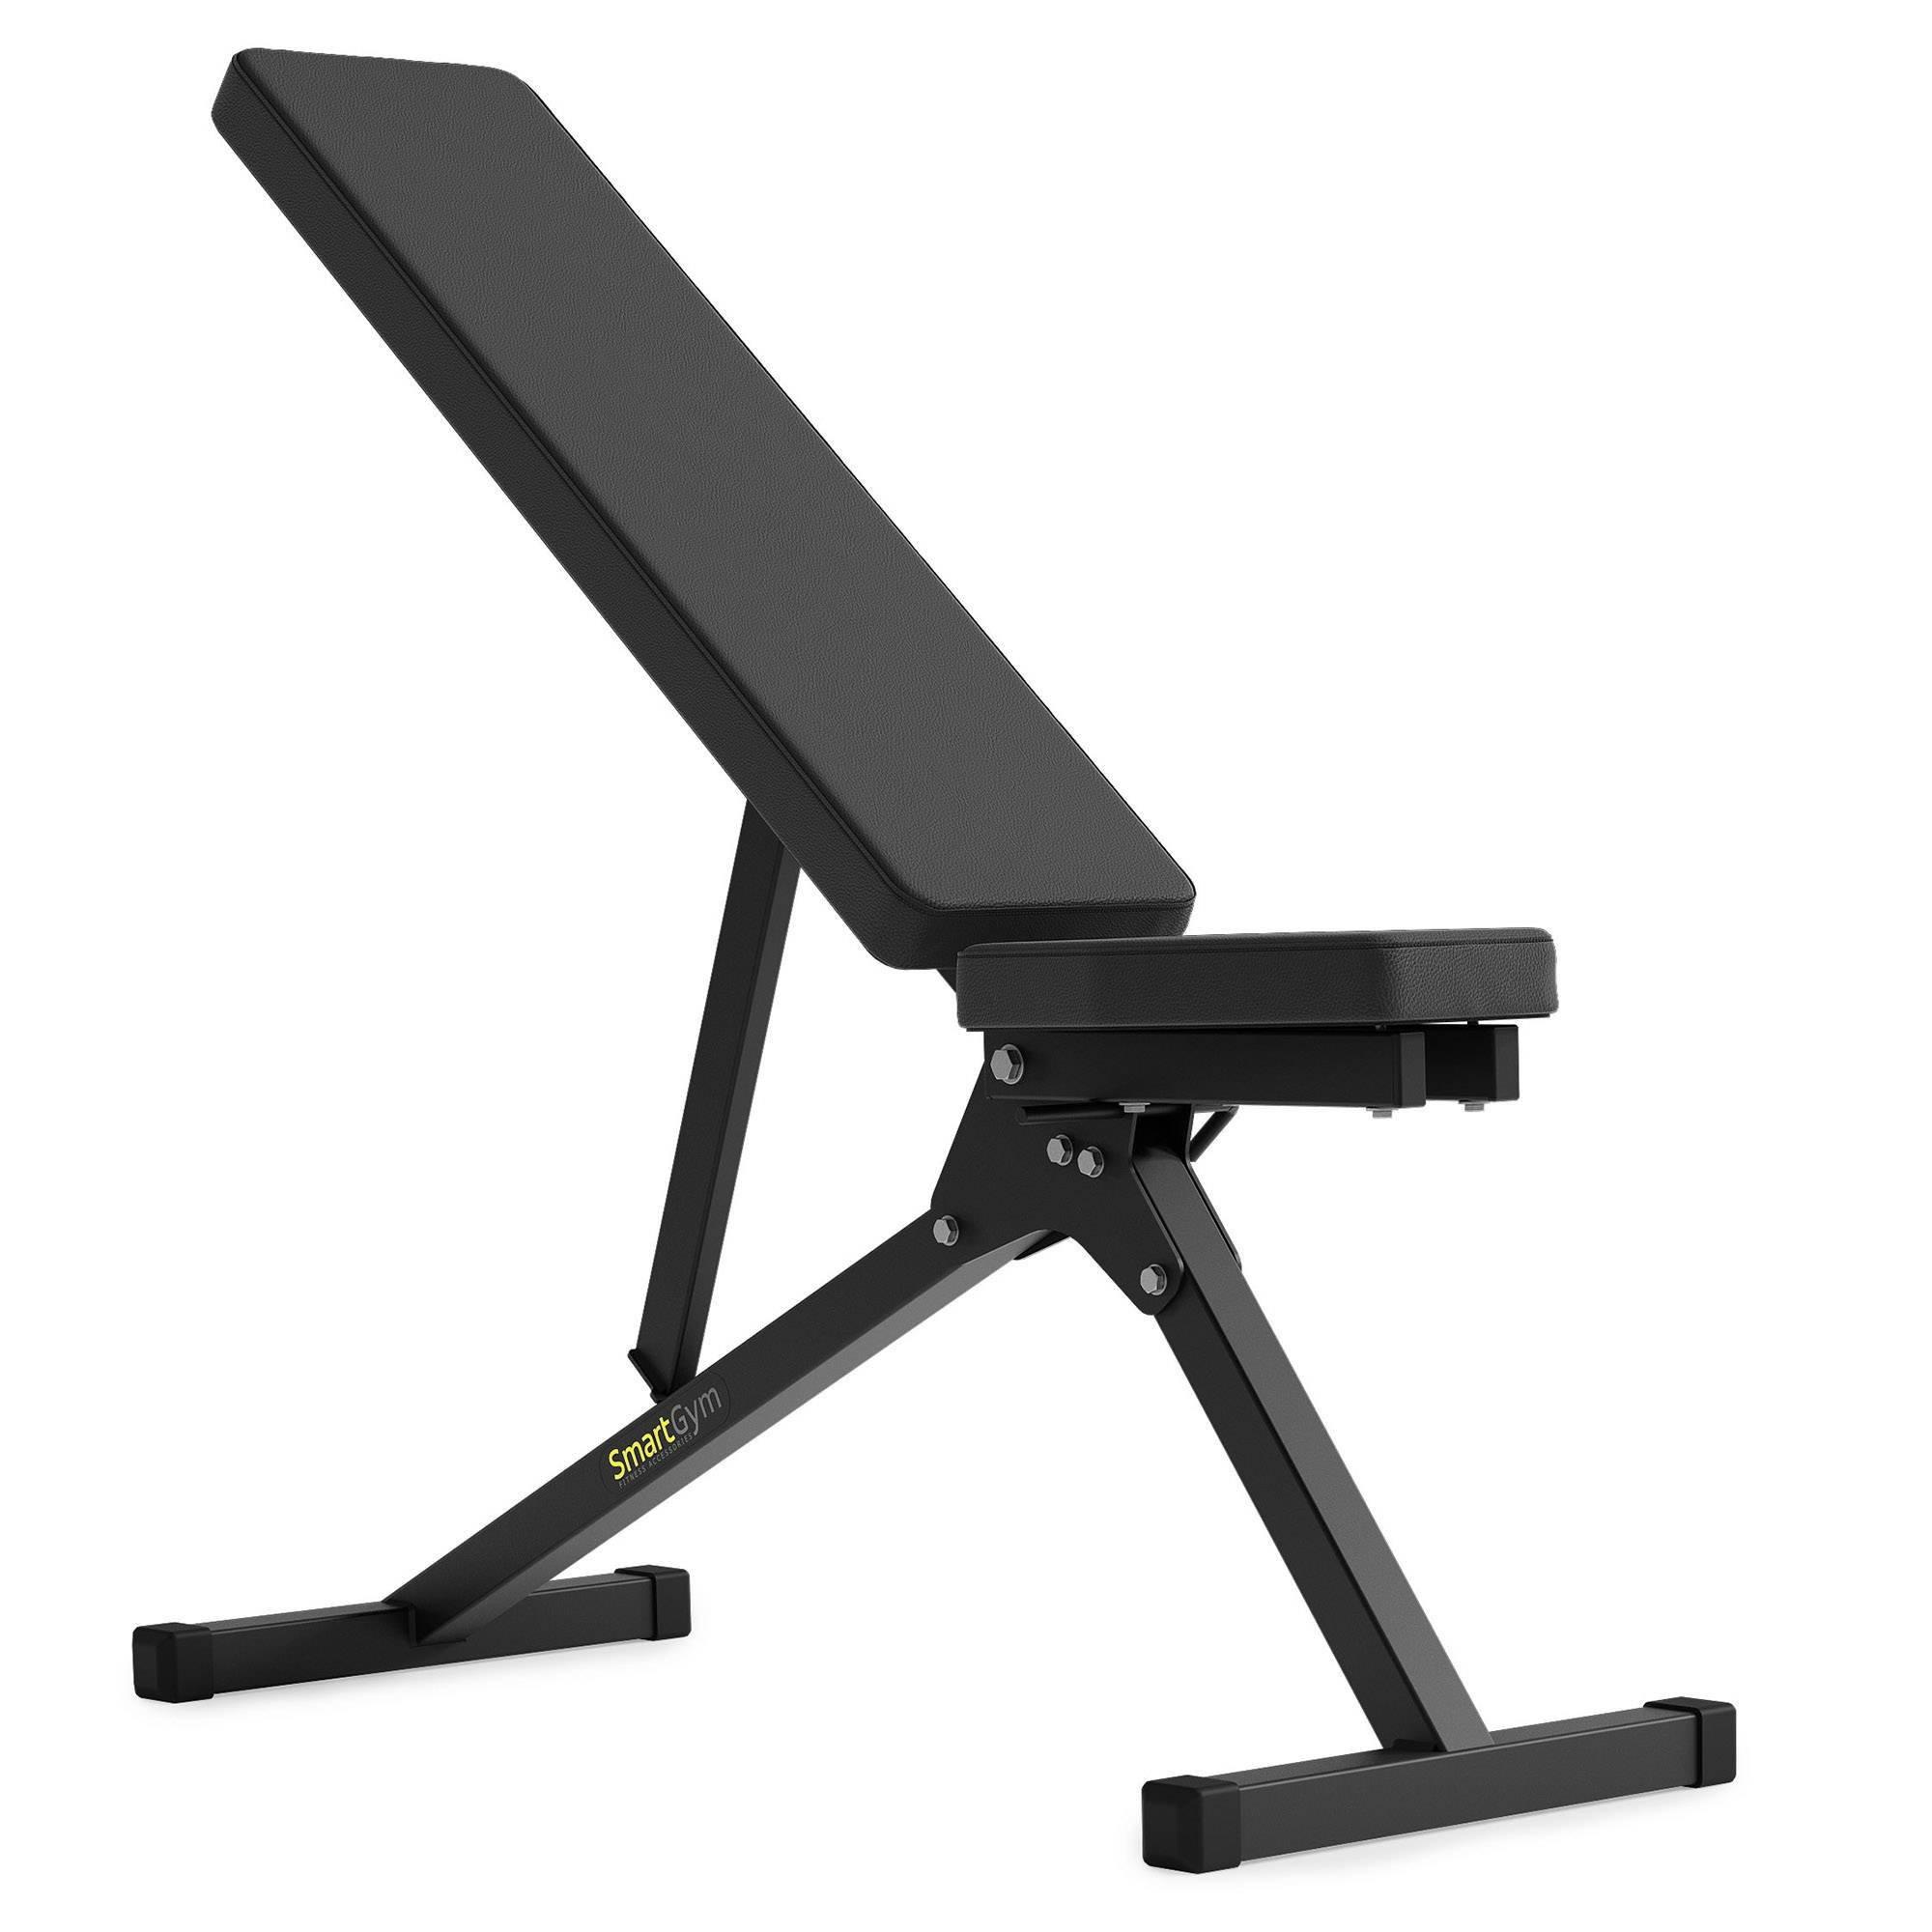 Image of Ławka do ćwiczeń sg-11 - smartgym fitness accessories